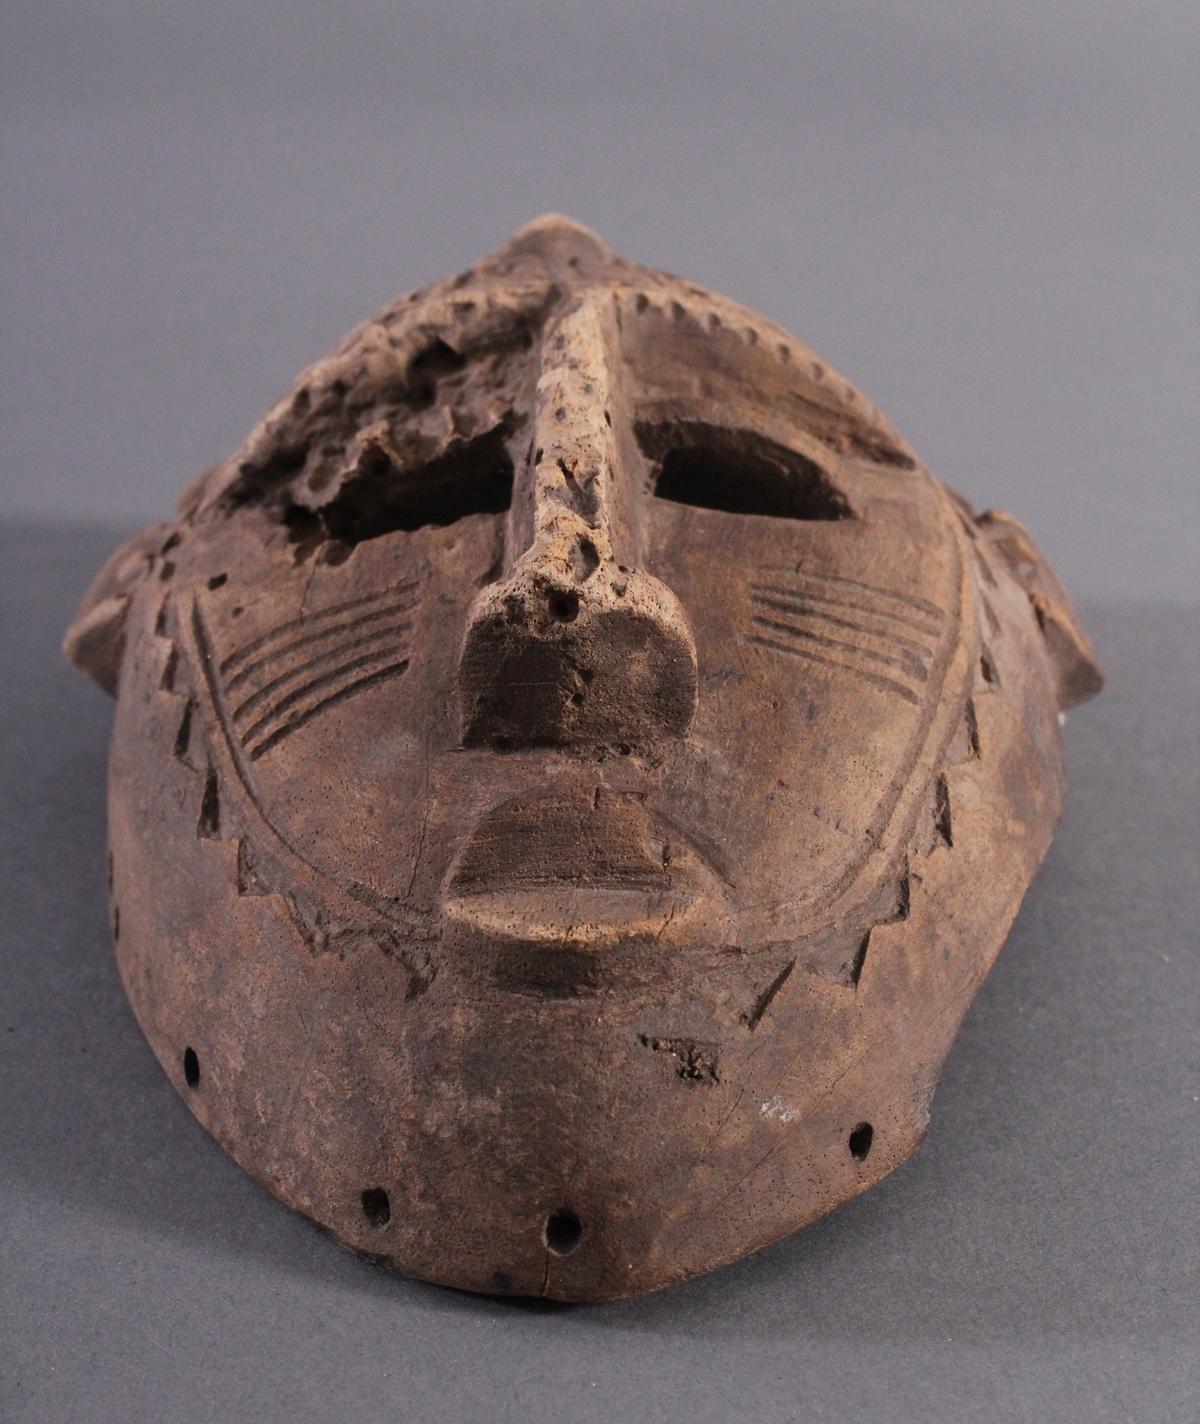 Antike Maske, Senufo, Elfenbeinküste 1. Hälfte 20. Jh.Aus hellem Holz geschnitzt, Narbentatauierung, - Bild 5 aus 6